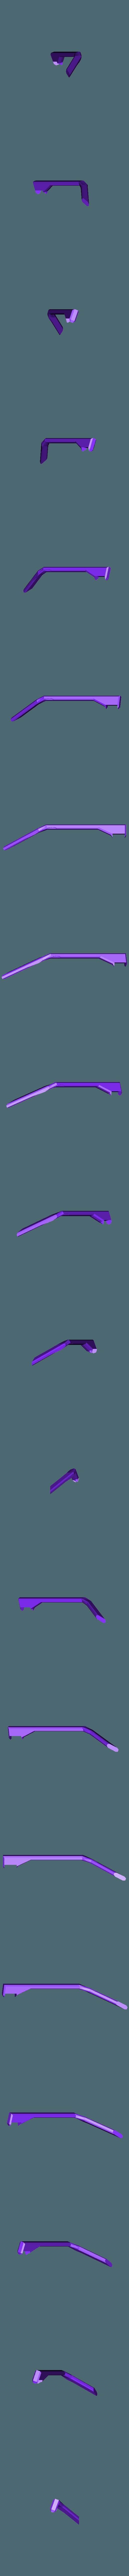 body_4.stl Télécharger fichier STL gratuit Truelle sonique (LED) • Design à imprimer en 3D, poblocki1982